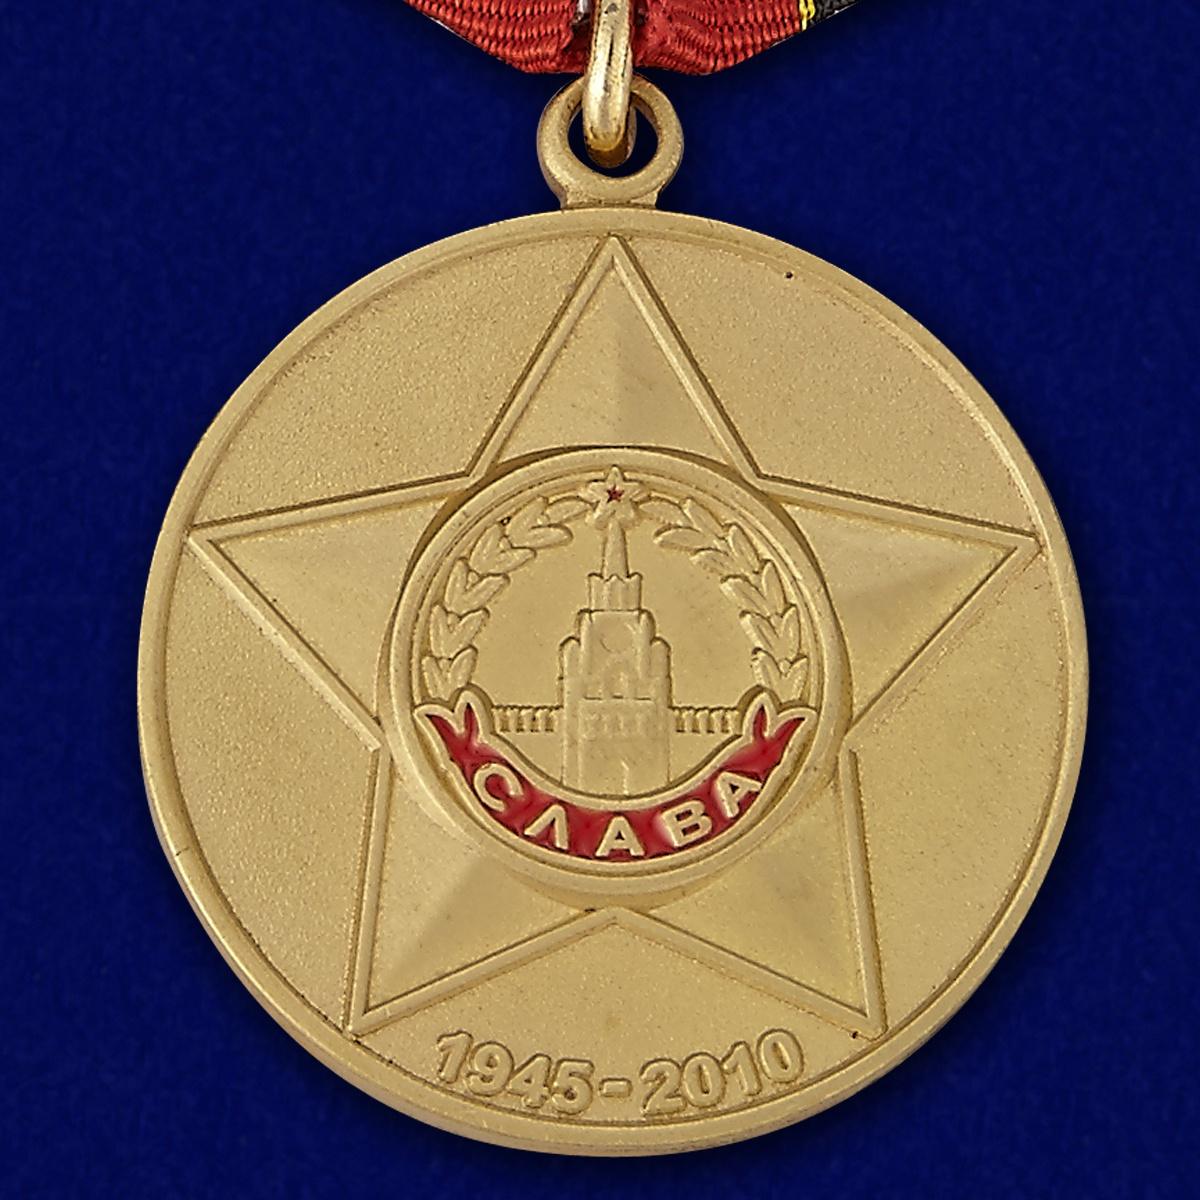 Муляжи советских наград в Ржеве